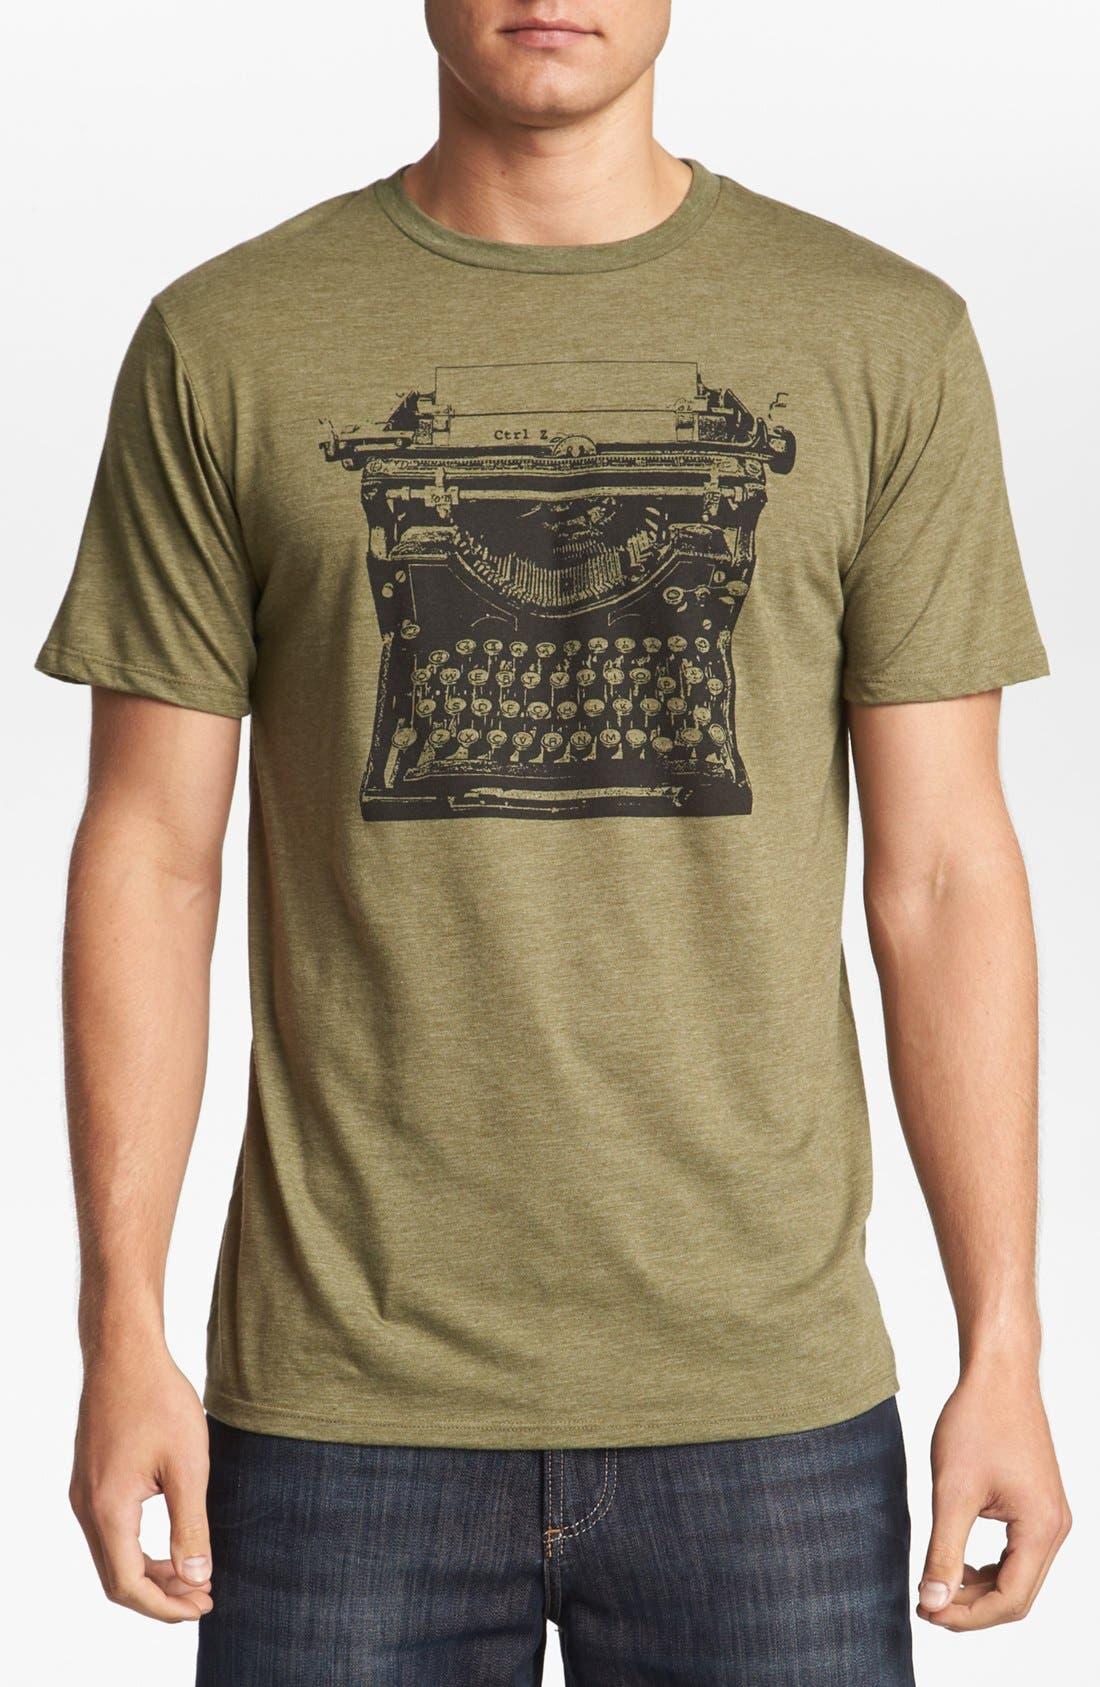 Main Image - HEADLINE SHIRTS 'Typewriter Ctrl Z' T-Shirt